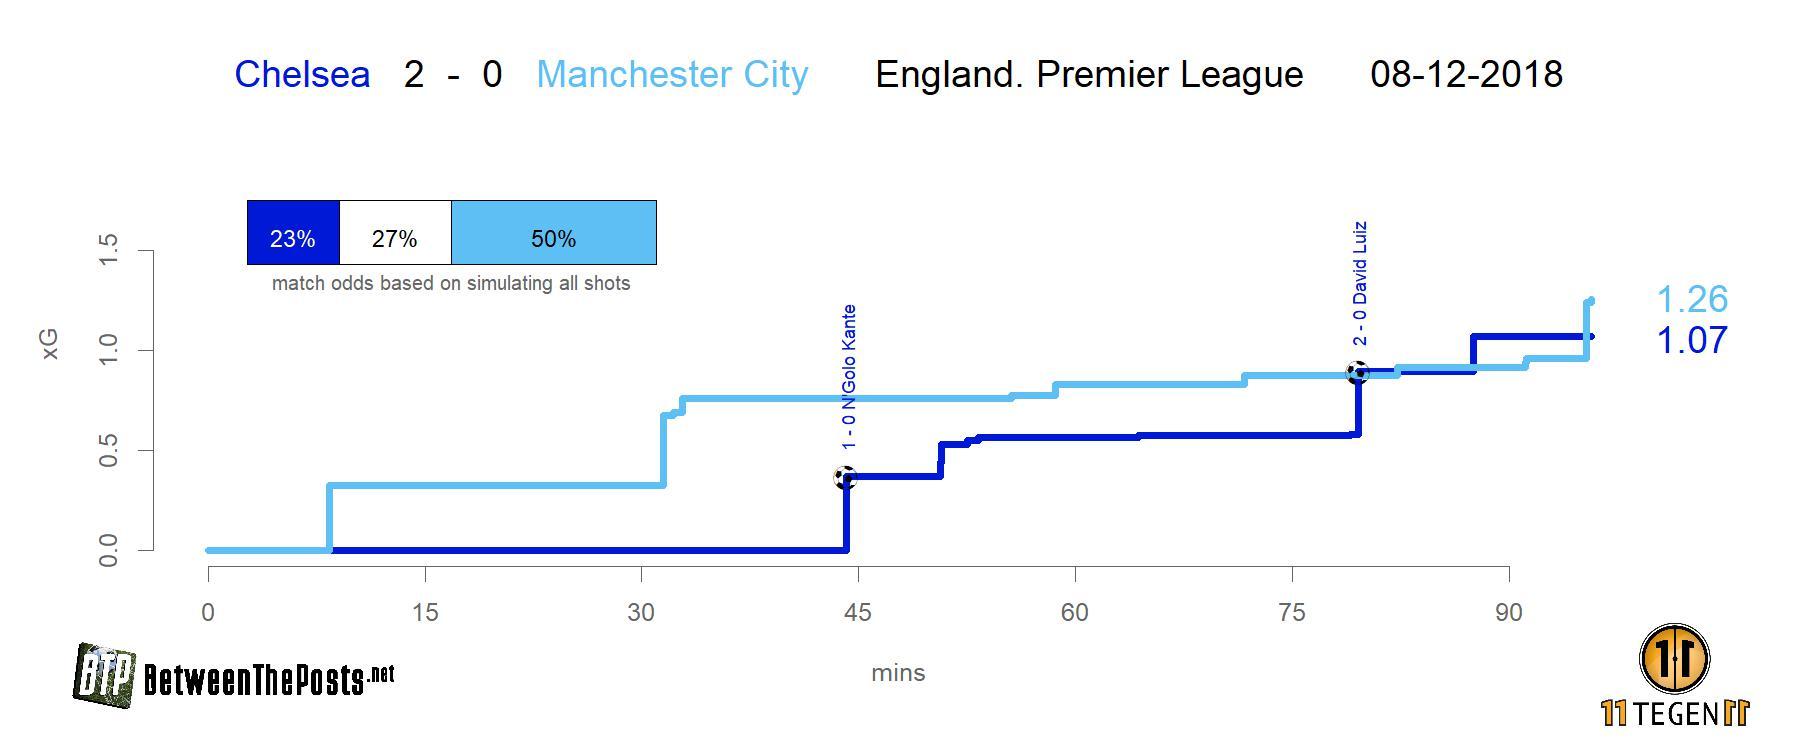 Expected goals plot Chelsea - Manchester City 2-0 Premier League